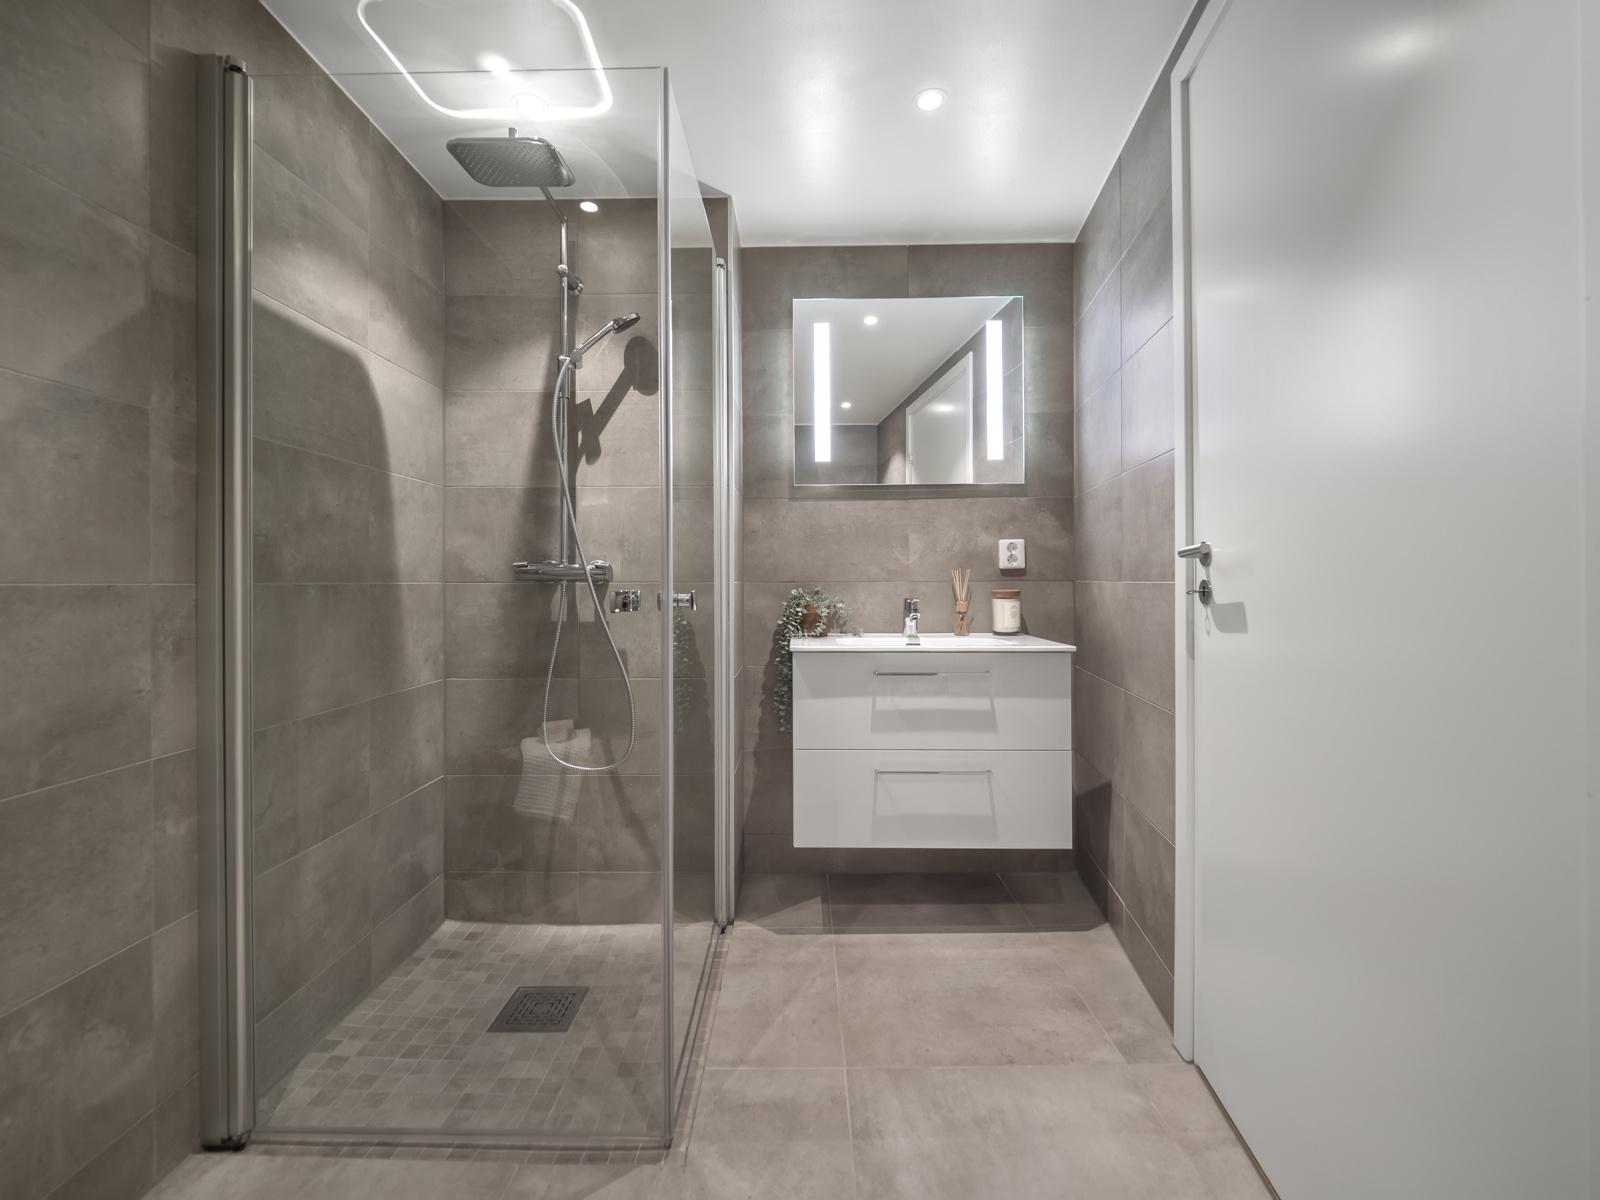 Hovedsoverommet har tilgang til eget bad